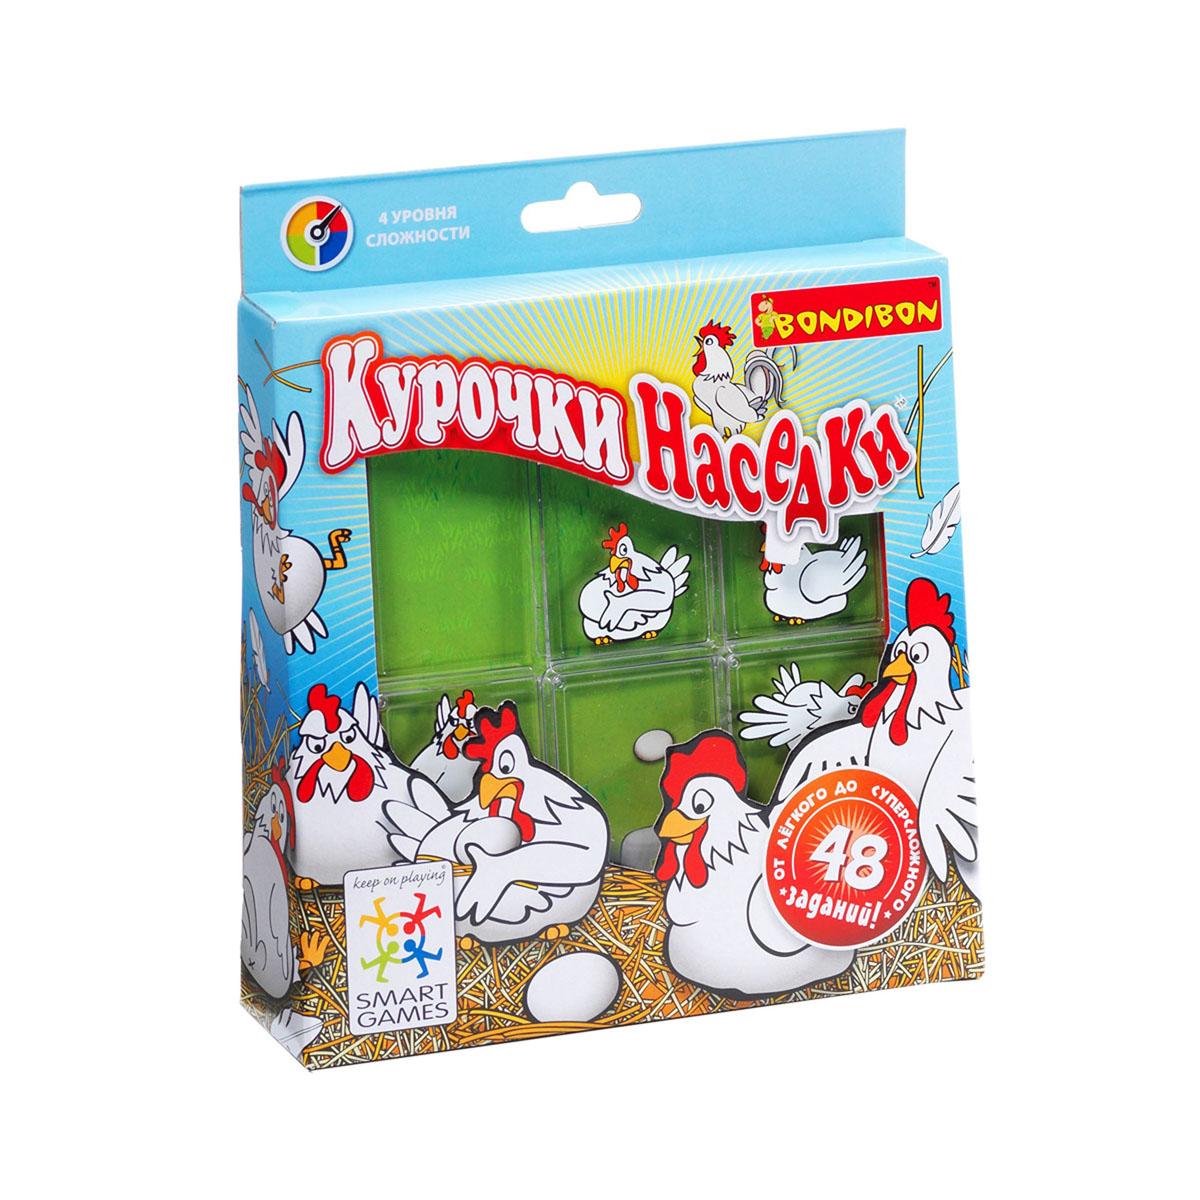 Логическая игра Bondibon SmartGames Курочки НаседкиВВ0842Веселые белые курочки-наседки разбежались по всей ферме. Они хотят высиживать цыплят, но не могут без вашей помощи найти своих малышей: ведь они снесли одинаковые яйца! Чтобы помочь наседкам, вам предстоит перемещать куриц по всему игровому полю, пока каждая из них не найдет свое собственное яйцо. Всего 48 заданий и 4 уровня сложности. В комплект входят: 24 карточки с заданиями, игровая доска с отделением для хранения карточек. Логическая игра Bondibon SmartGames Курочки Наседки - отличный вариант семейного досуга!